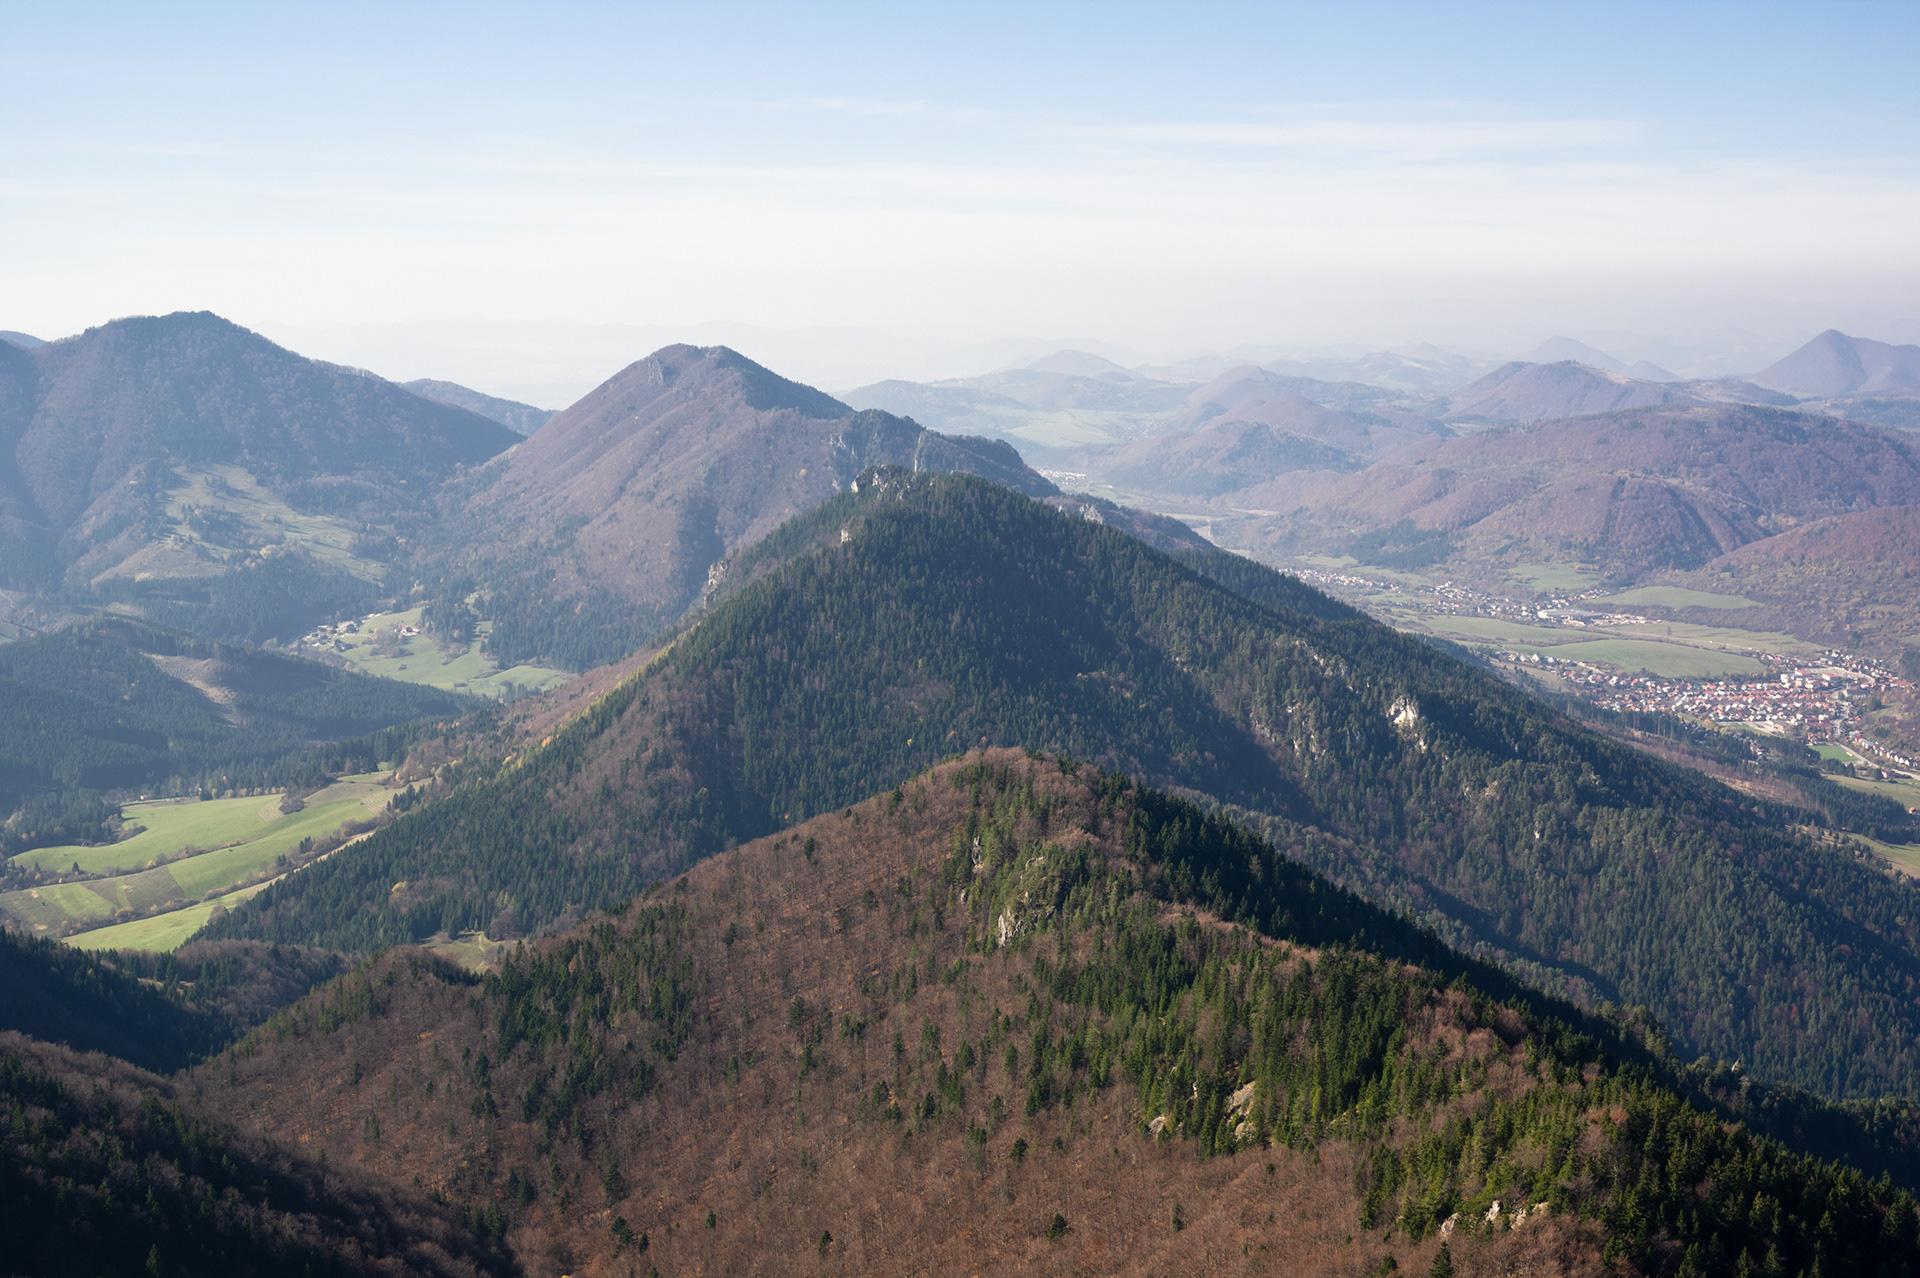 Landscape photograph, view from Malý Rozsutec, Malá Fatra, Slovakia